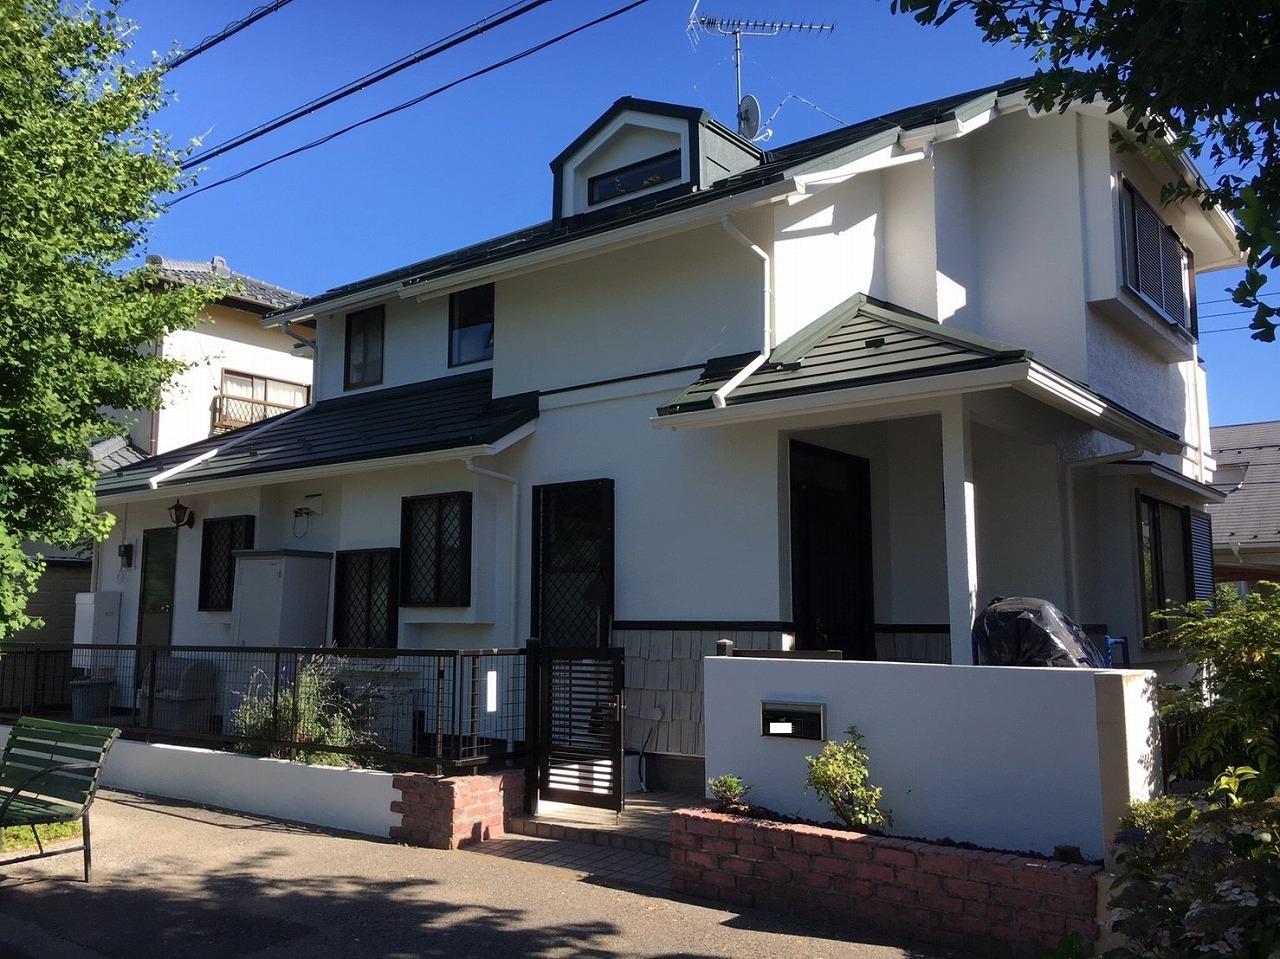 千葉県印旛郡K様邸 外壁塗装・屋根カバー工法工事が完成しました!